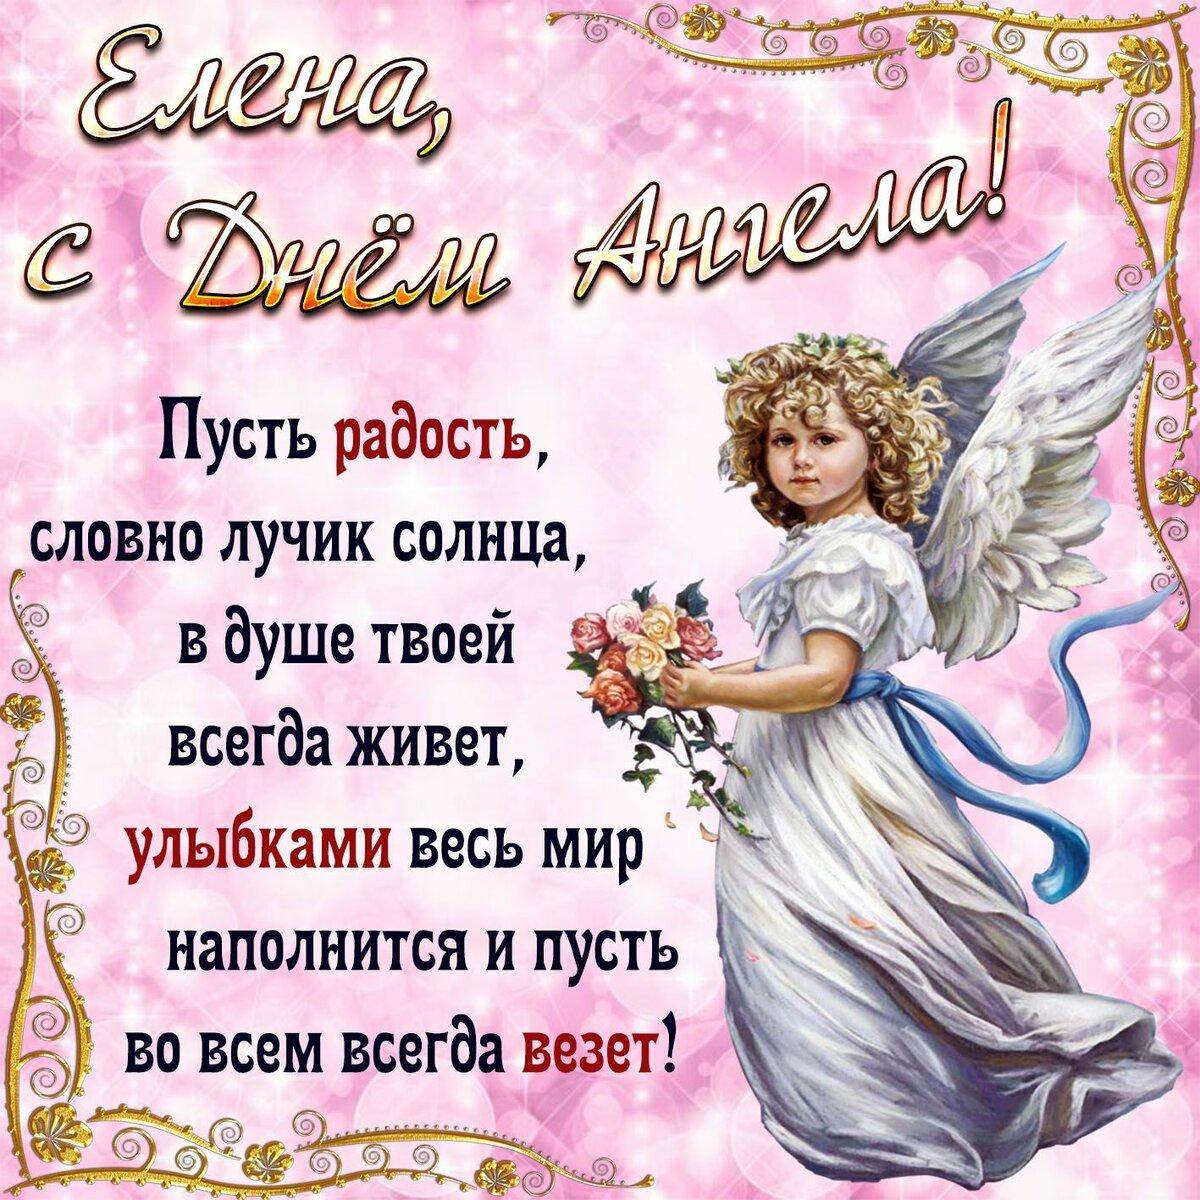 сегодняшней поздравить с днем ангела ольгу в прозе существует способа управления